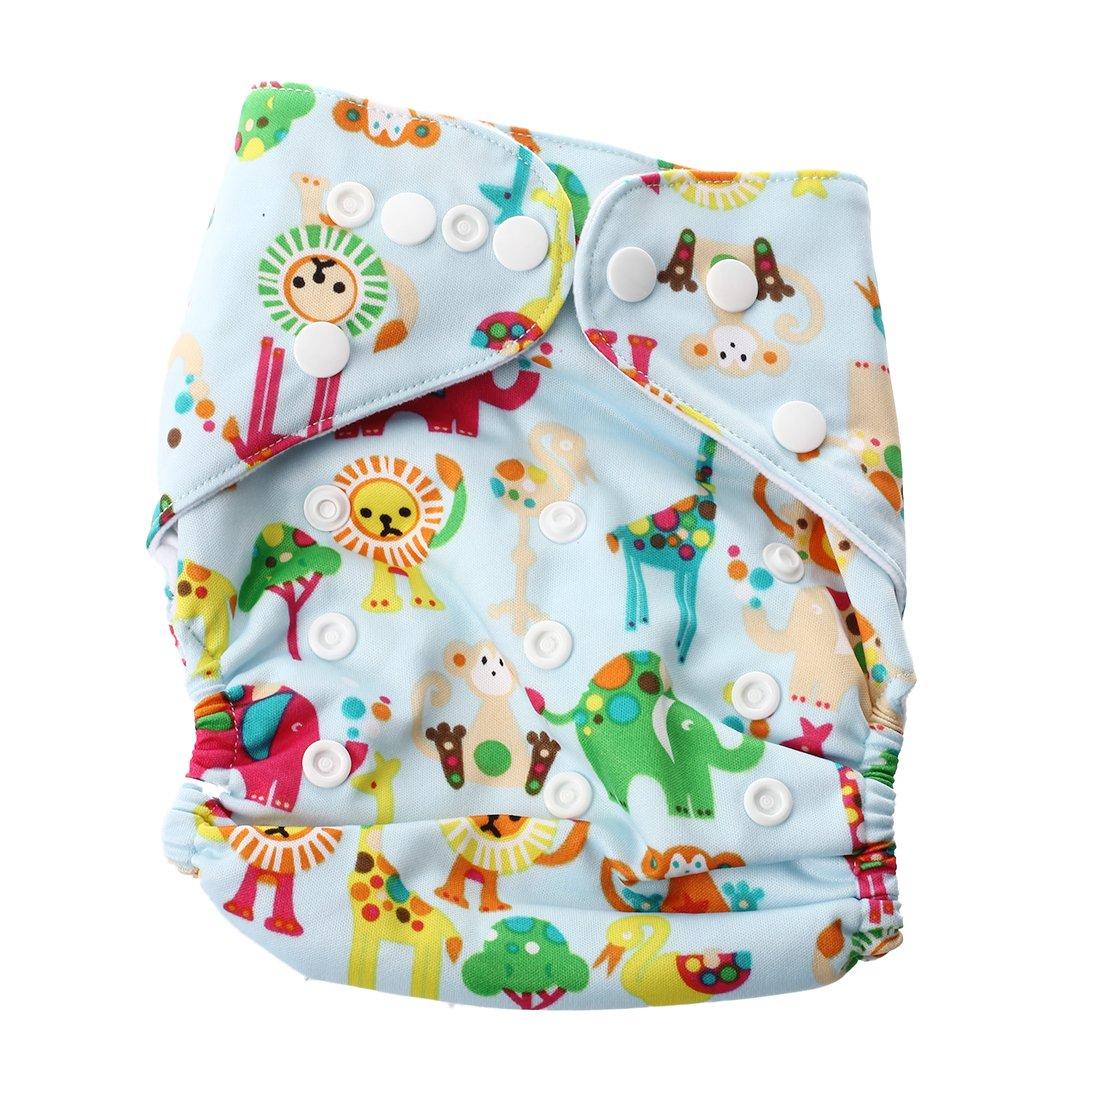 SODIAL(R) Bebe Tissu Couches Couche Sur un pantalon couche Culotte d'entrainement reglables Reutilisables (couche pas dans le paquet)